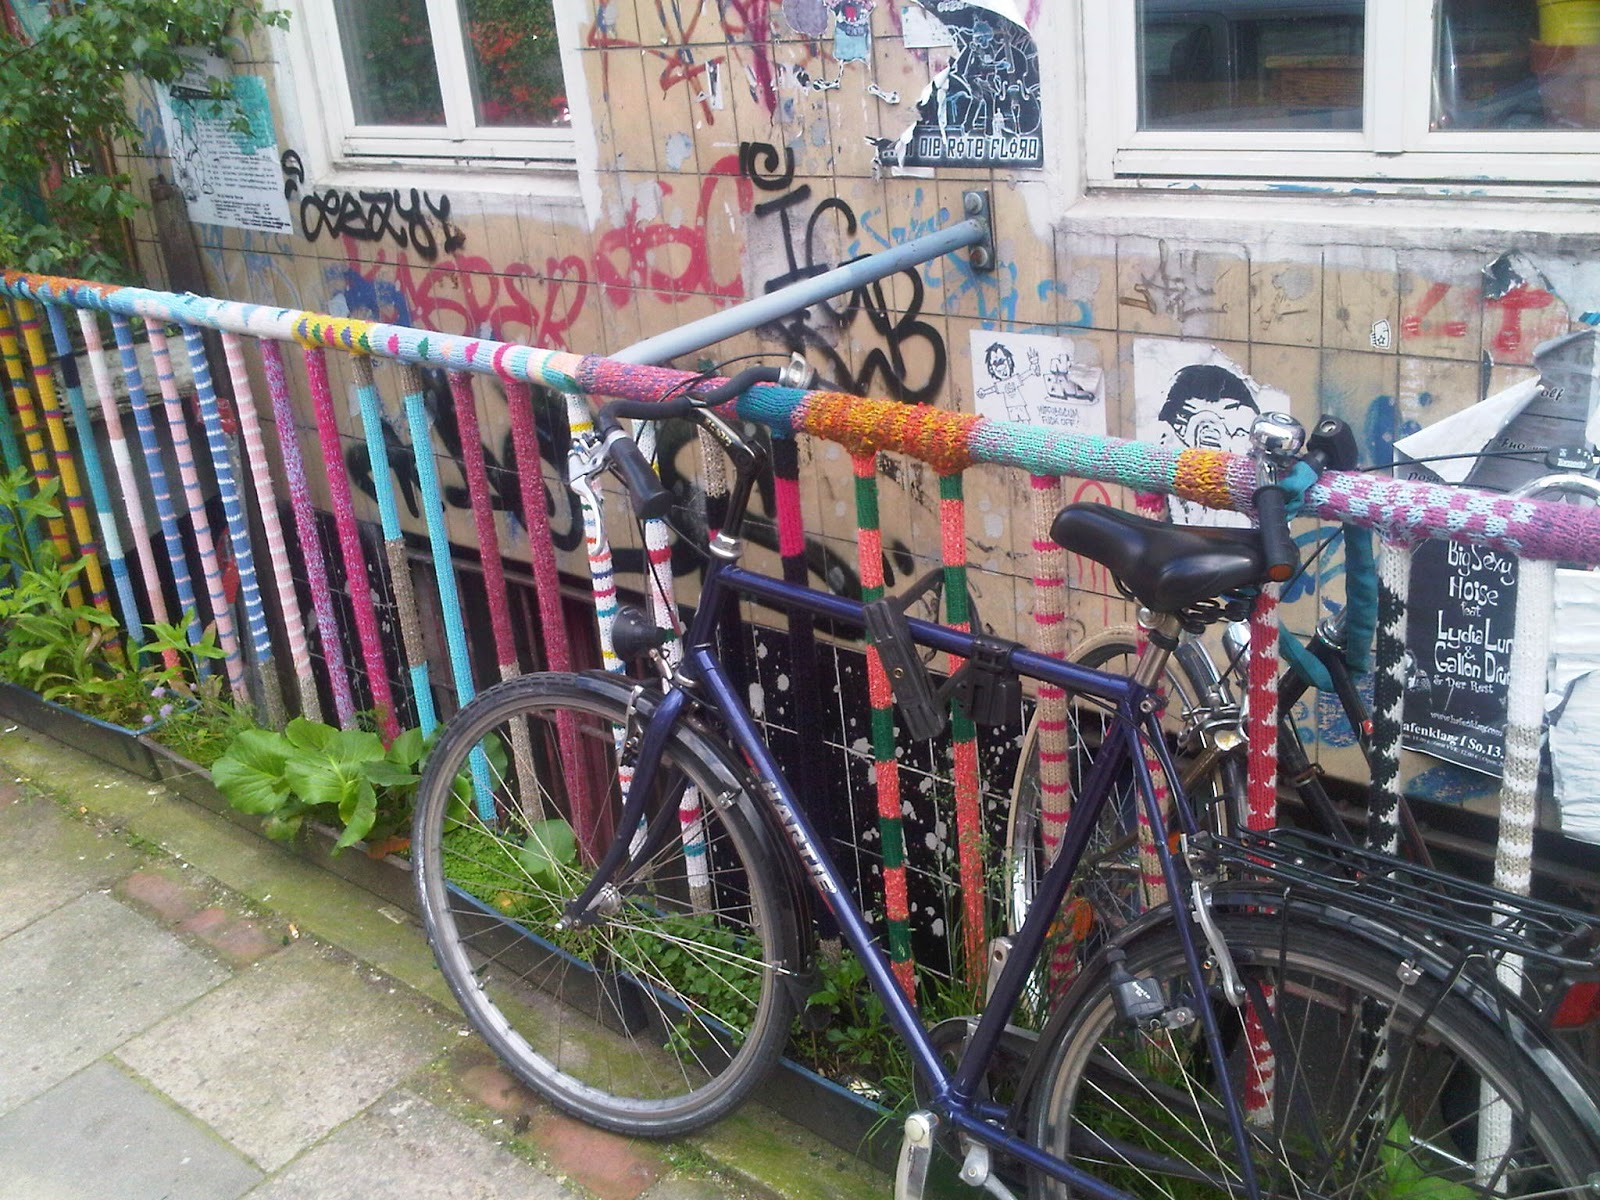 Guerilla Knitting auf St. Pauli. Stahlgeländer mit Strickwaren verkleidet. Fahrrad vor dem Geländer.